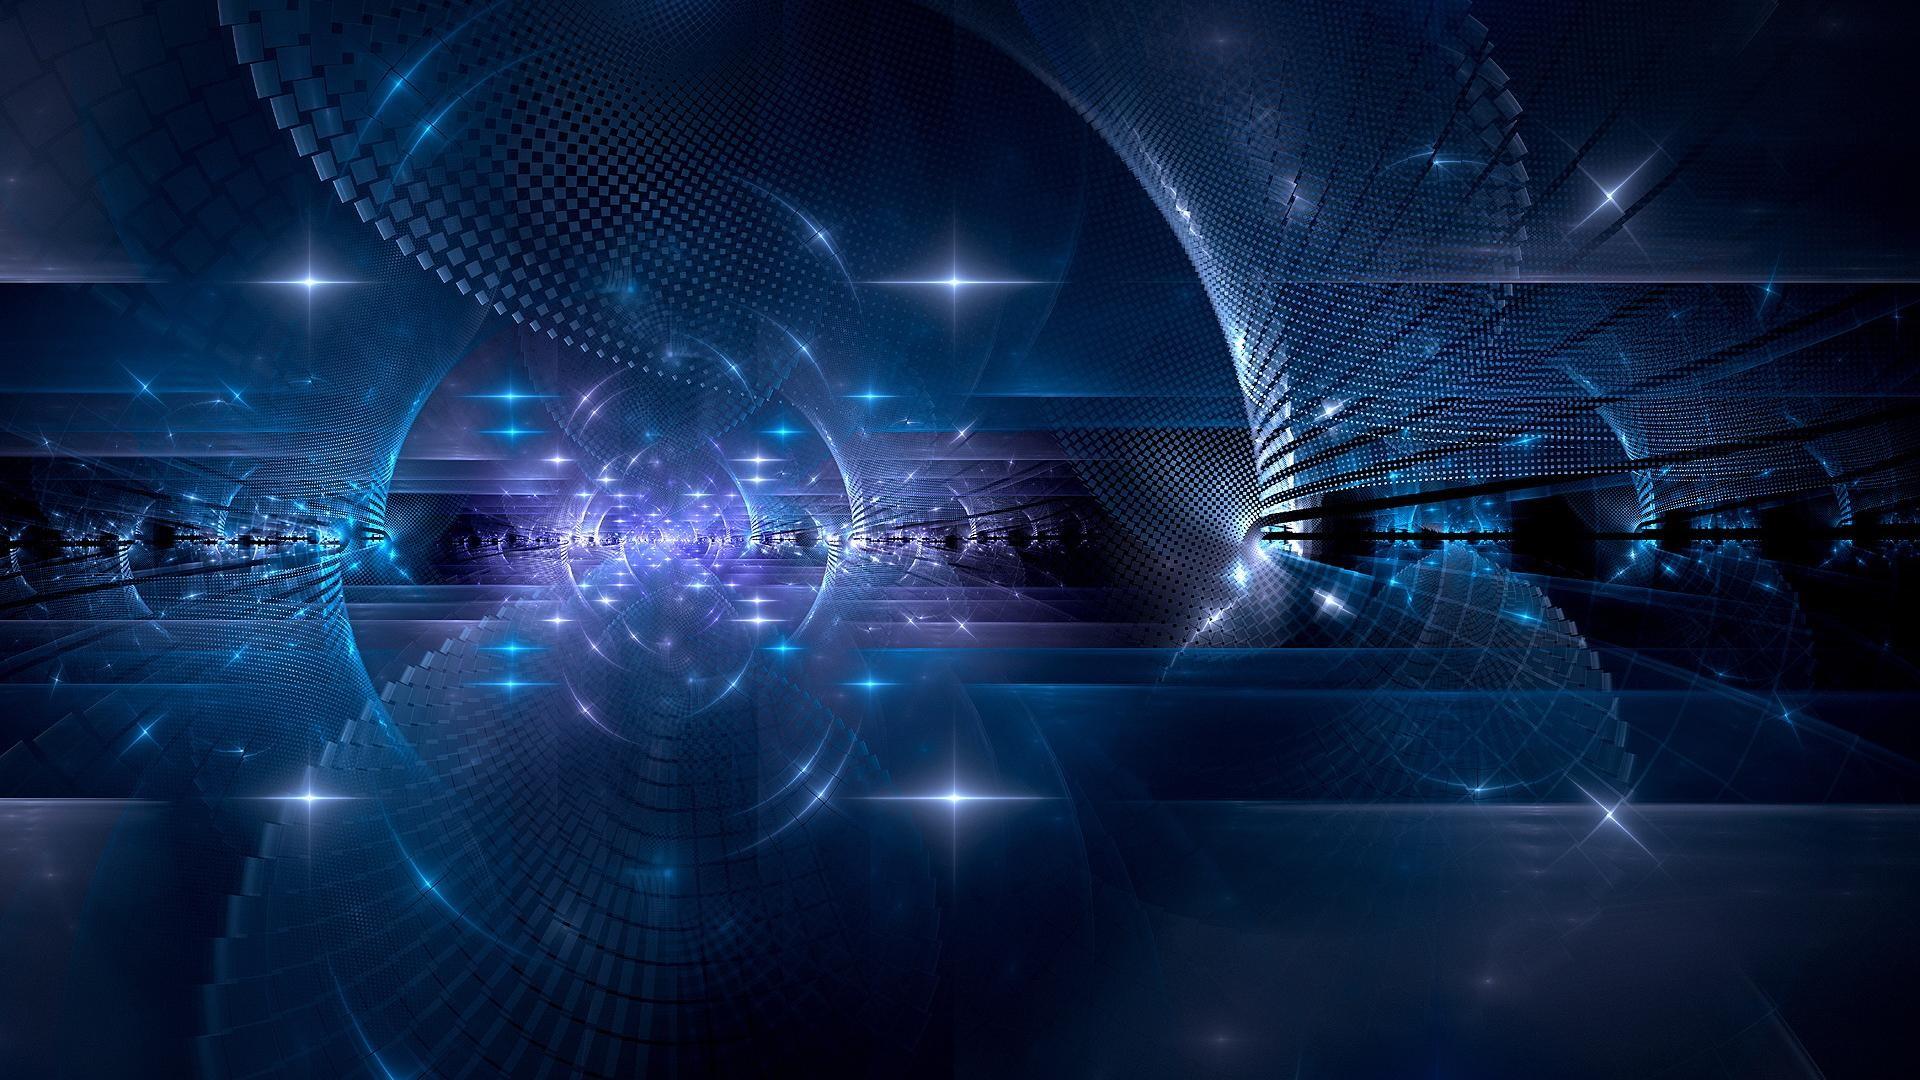 Hd Blue 3d Design Desktop Backgrounds Widescreen and HD background .